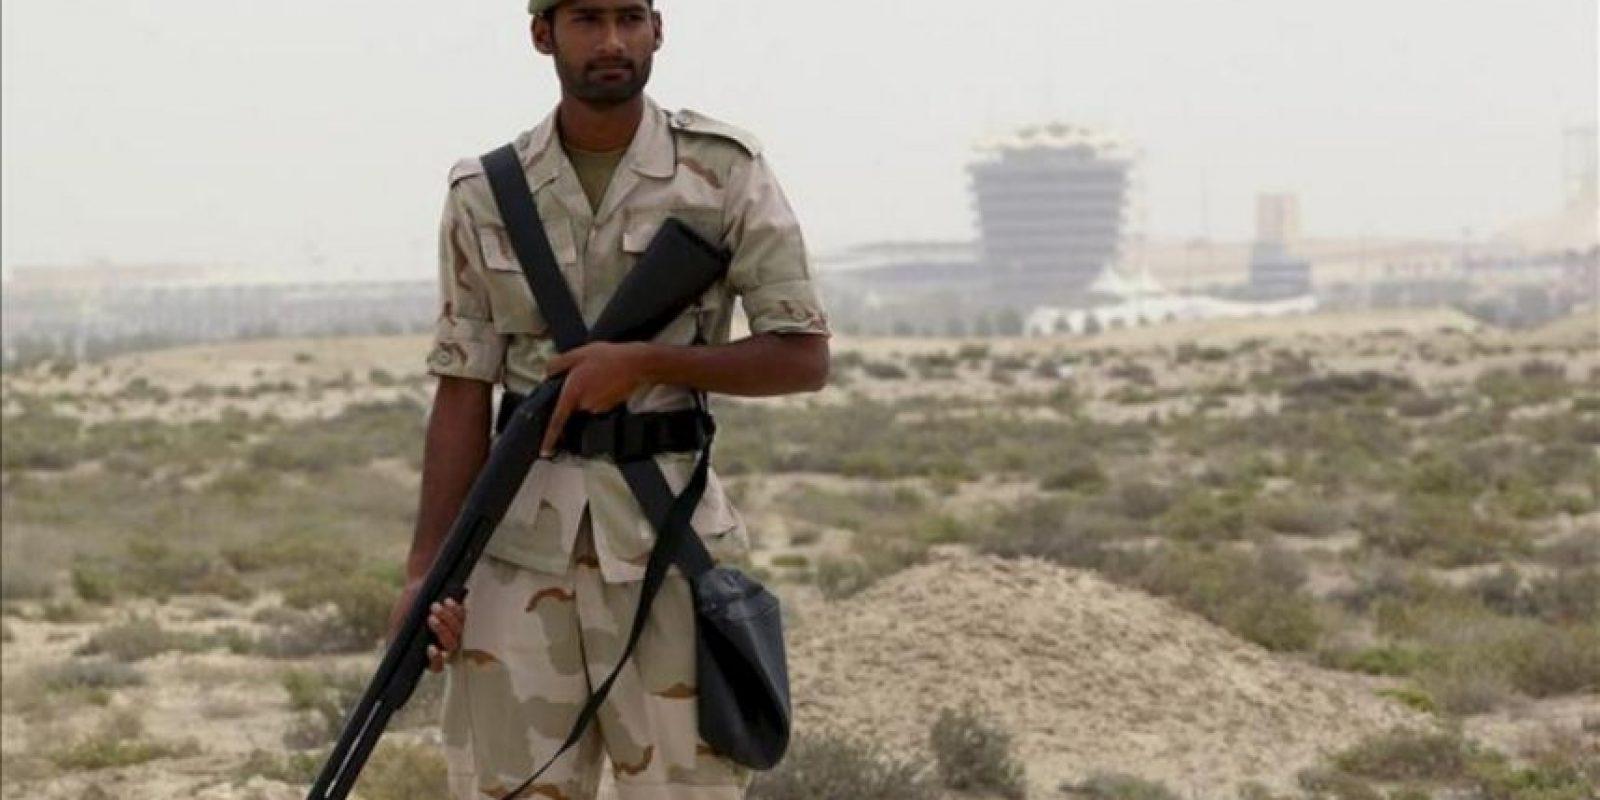 Un soldado resguarda los alrededores del circuito de Sakhir, para impedir que haya concentraciones, especialmente dentro de Manama y en la carretera que conduce al circuito de Sakhir, antes del inicio del Gran Premio de Baréin. EFE